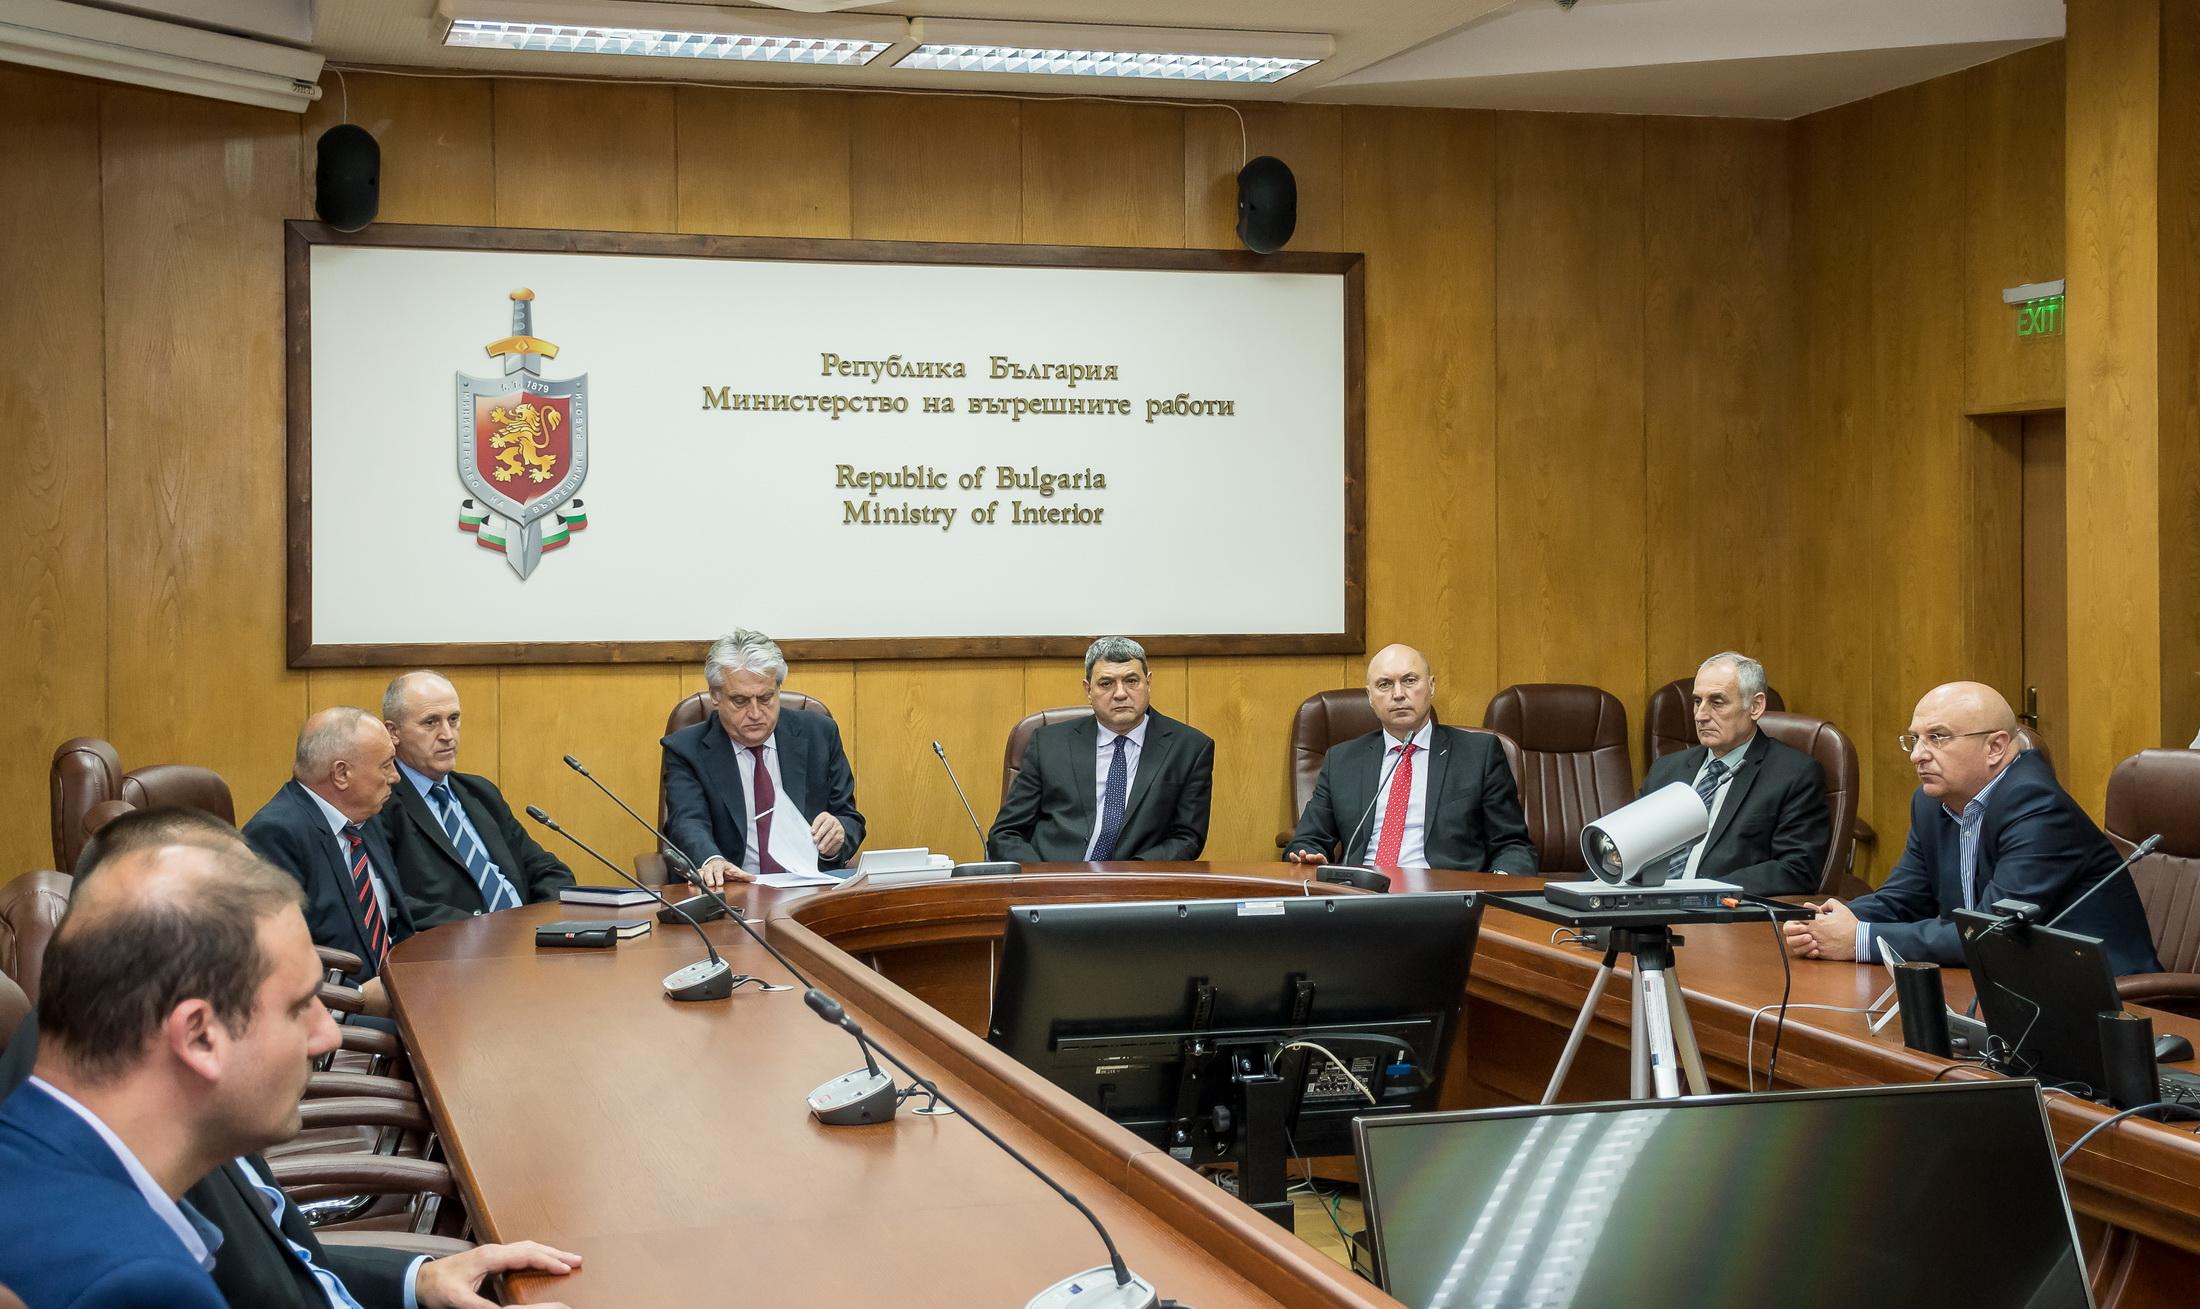 С указ на държавния глава Петър Тодоров е назначен за главен секретар на Министерството на вътрешните работи